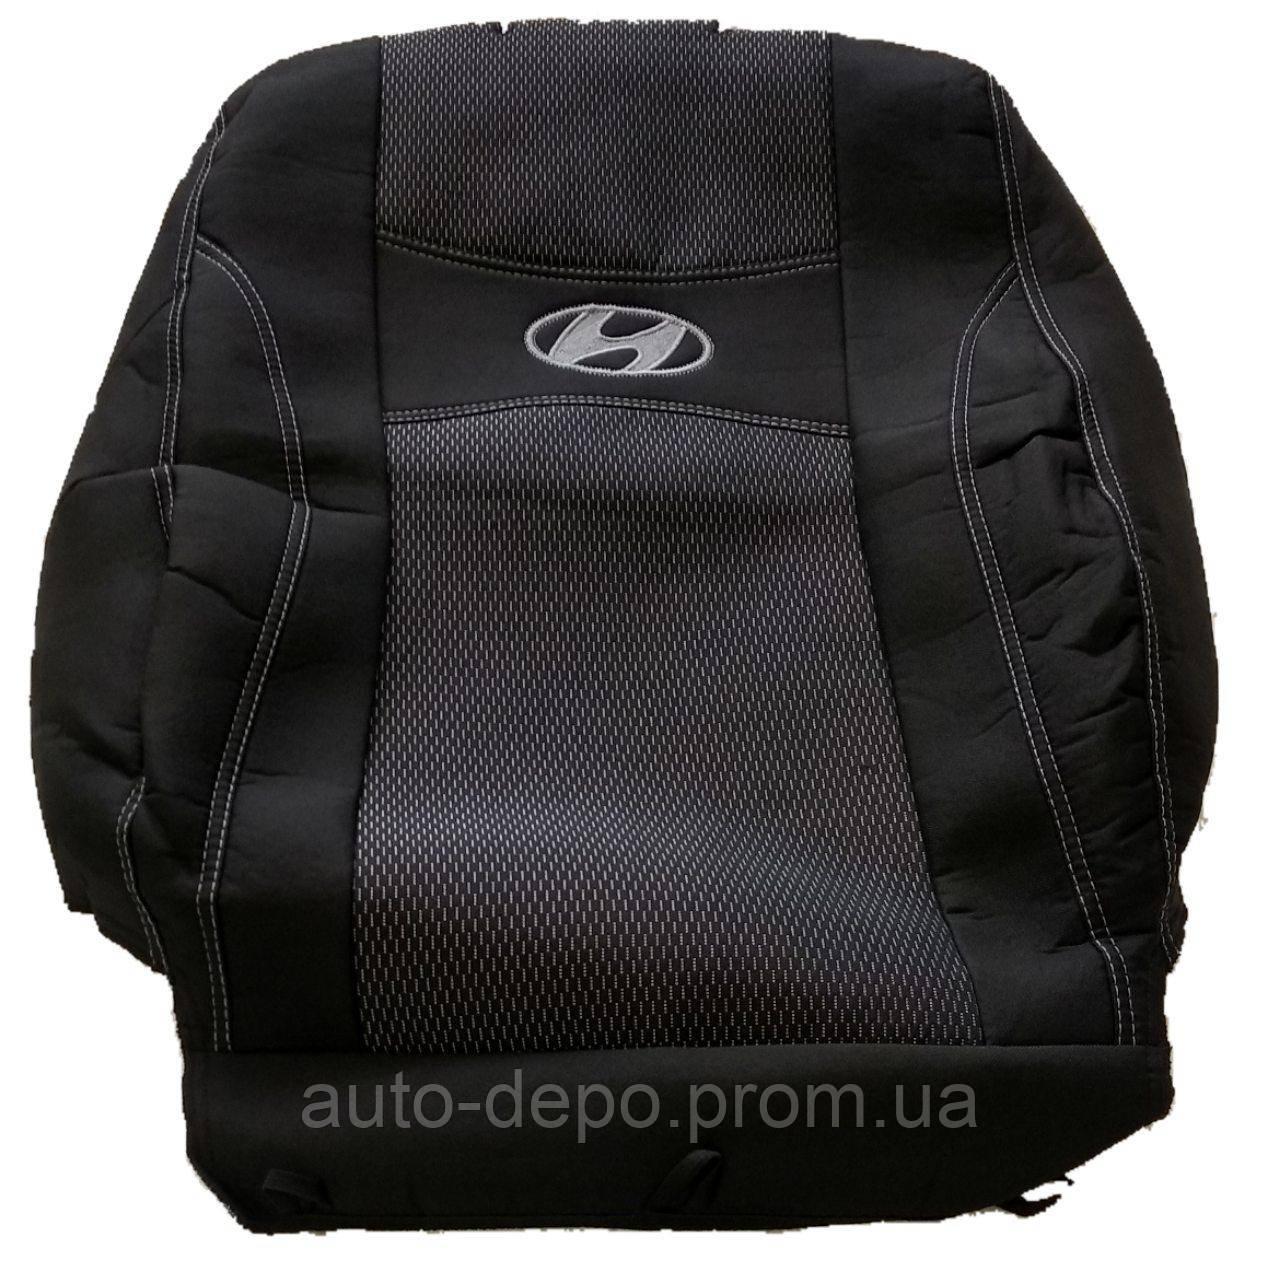 Чохли на сидіння Хундай Санта Фе ДМ з 2012 р. в. Авточохли для Hyundai Santa Fe DM 2012 - 5 місць Nika